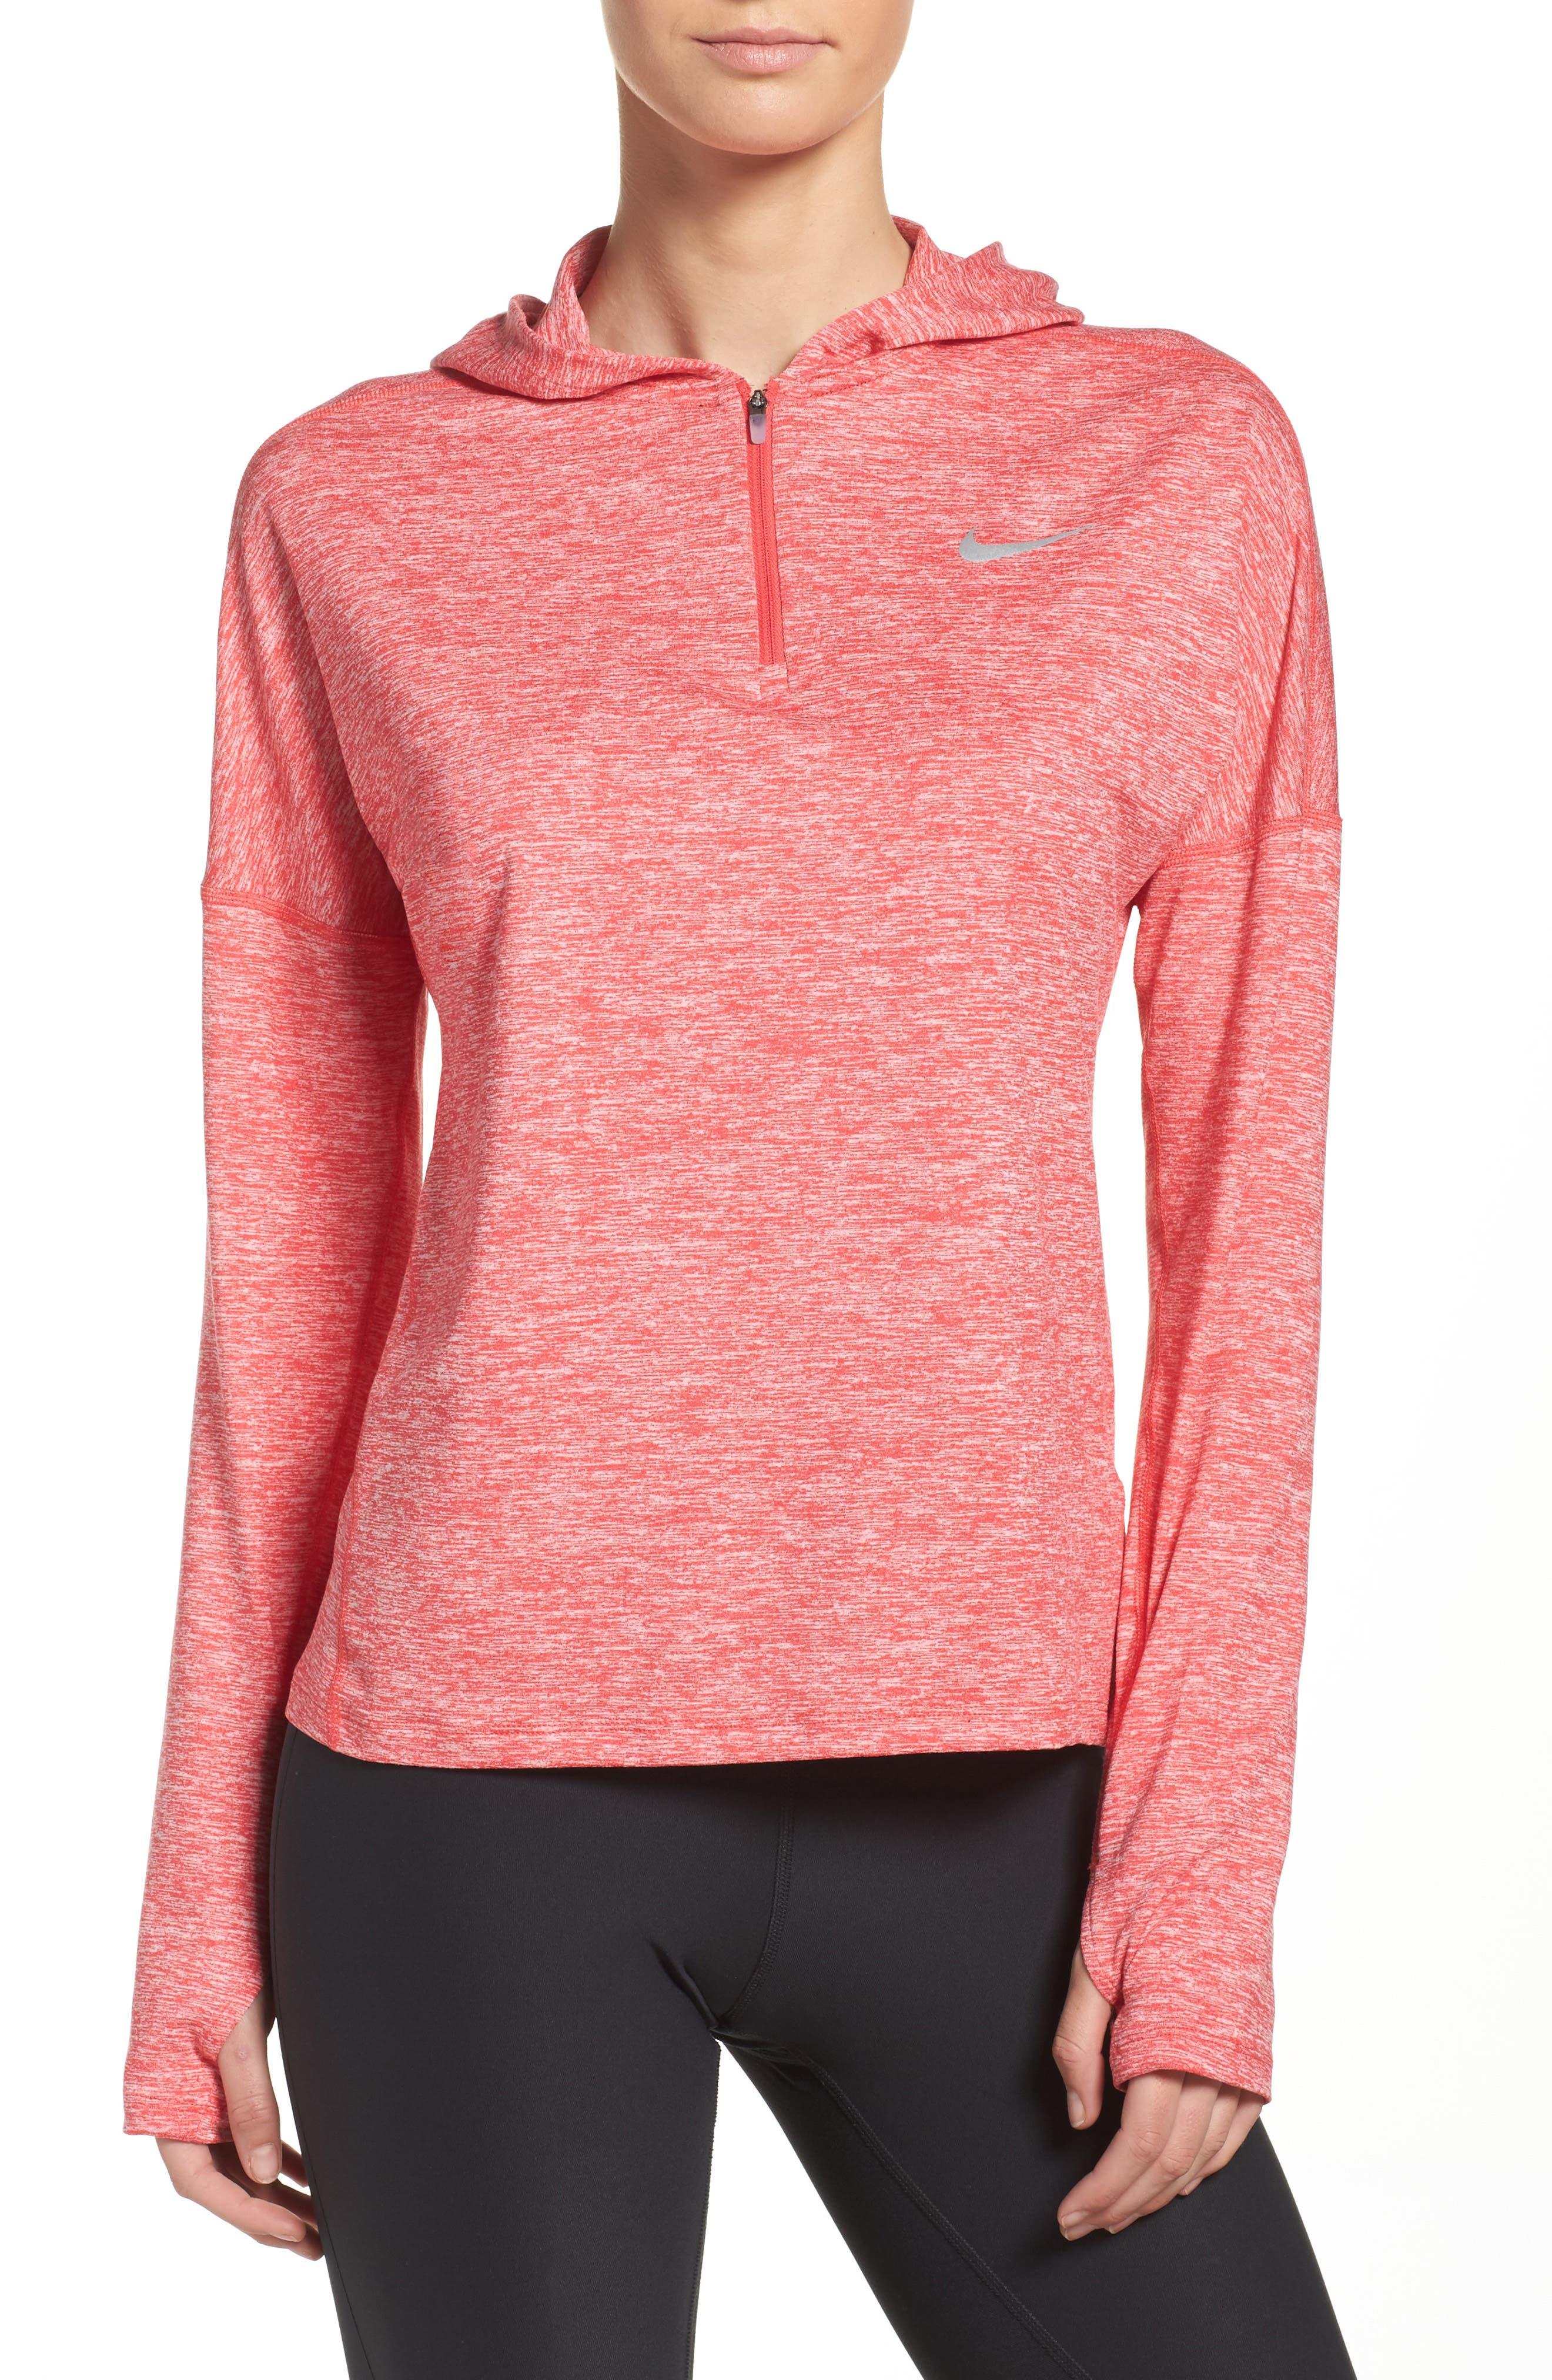 Nike Dry Element Running Hoodie